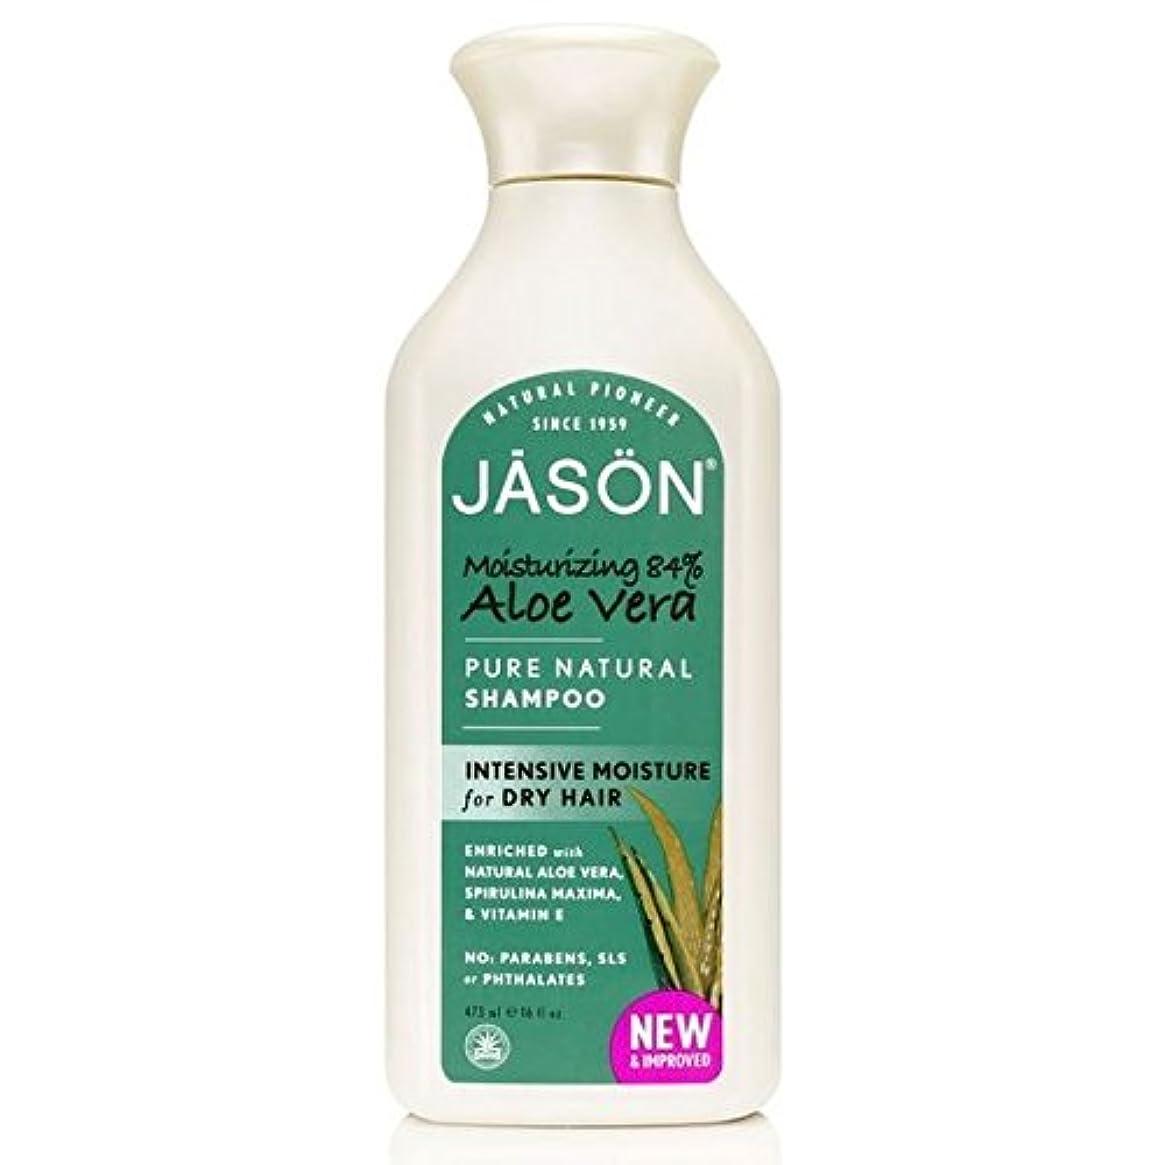 散文モンゴメリーピーブJason Aloe Vera 84% Pure Natural Shampoo 475ml - ジェイソンのアロエベラ84%の純粋な天然シャンプー475ミリリットル [並行輸入品]